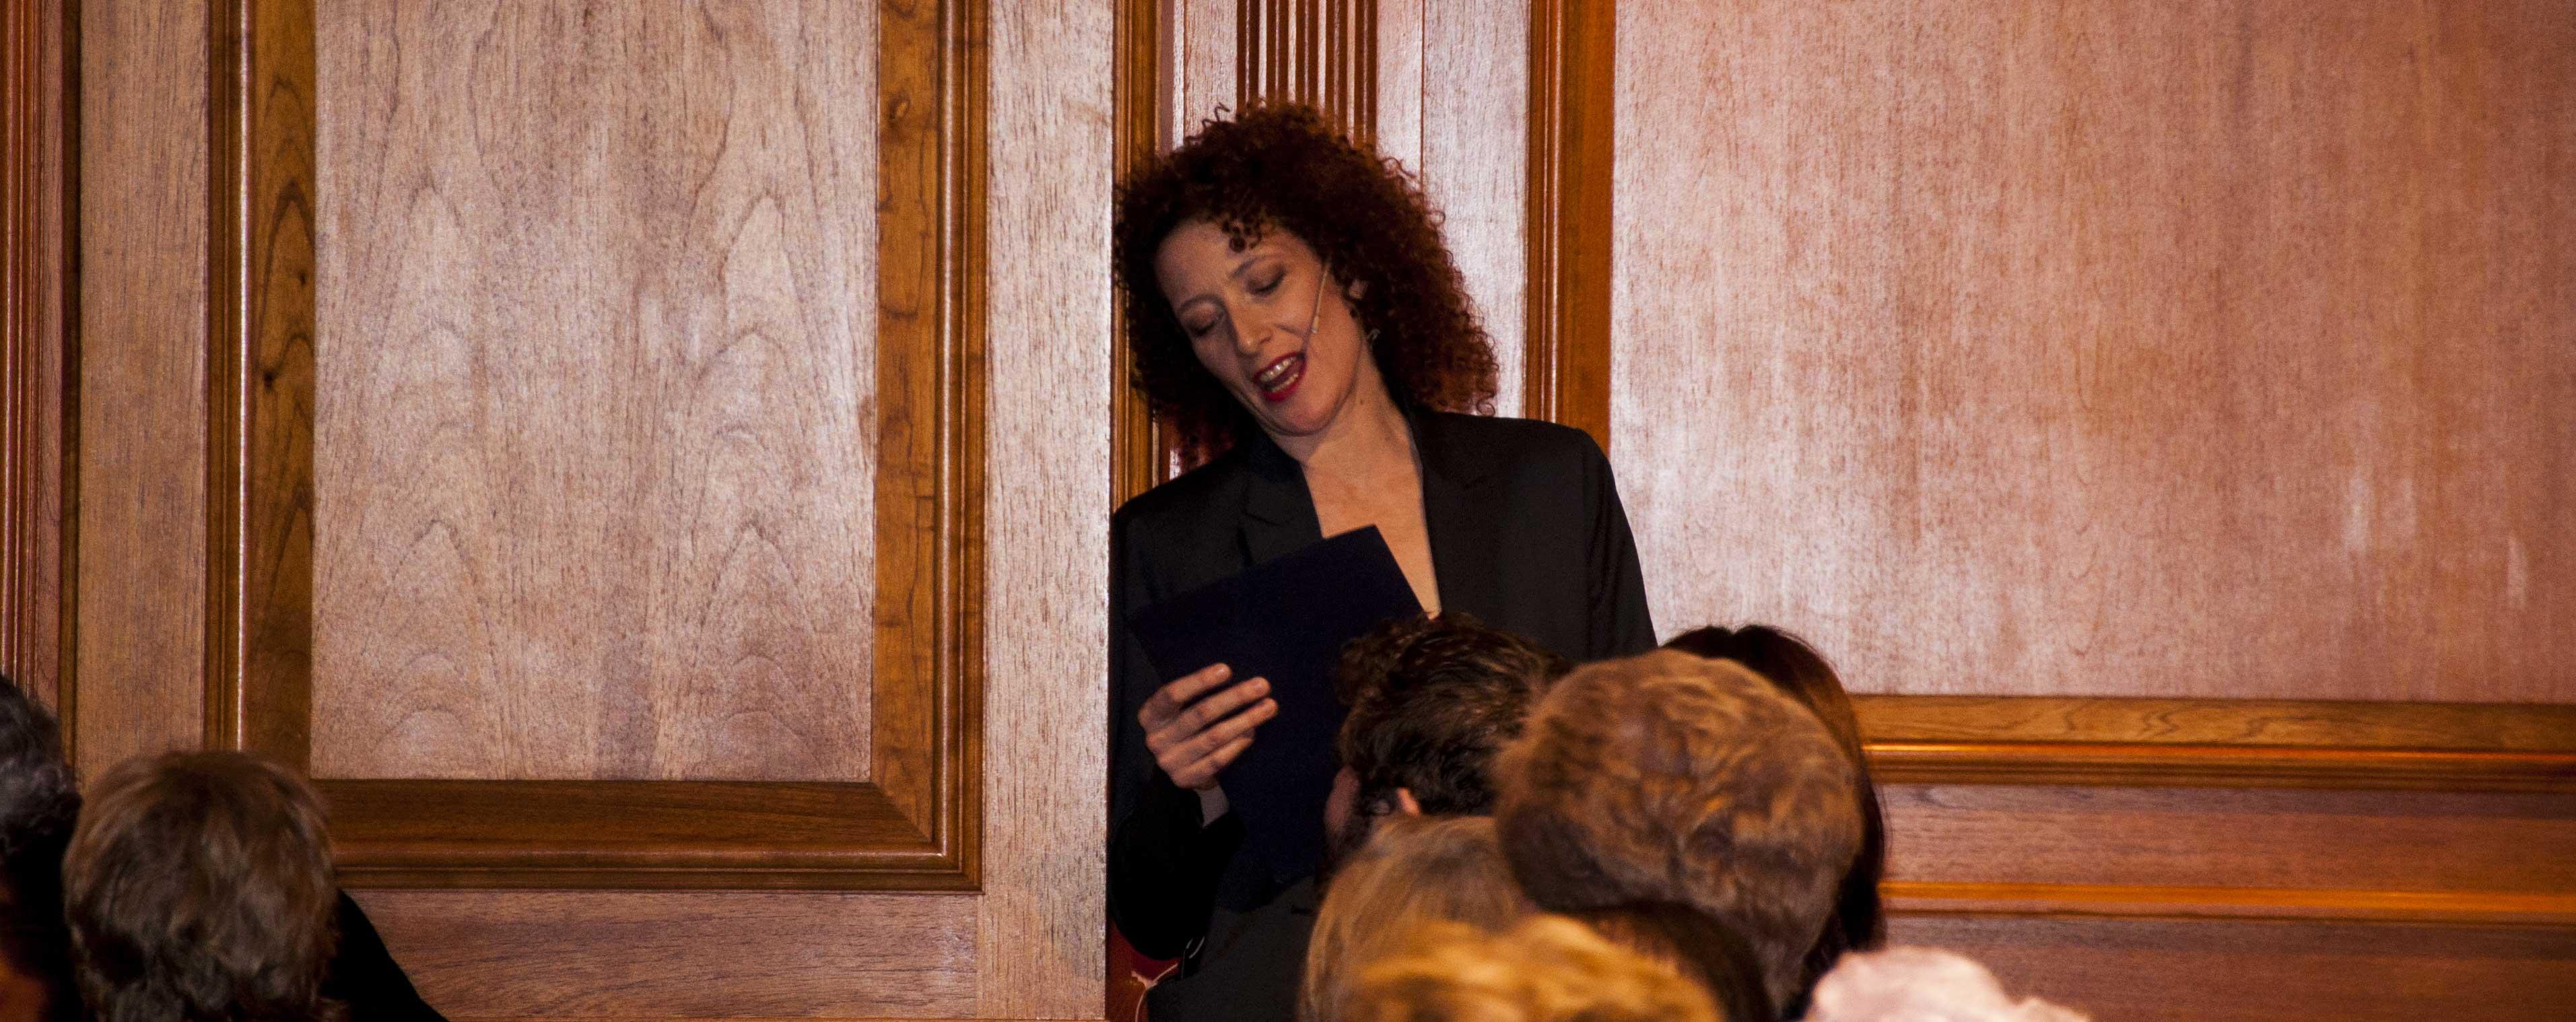 Clara Sanchis interpreta 'Adolescencia' de Vicente Aleixandre.